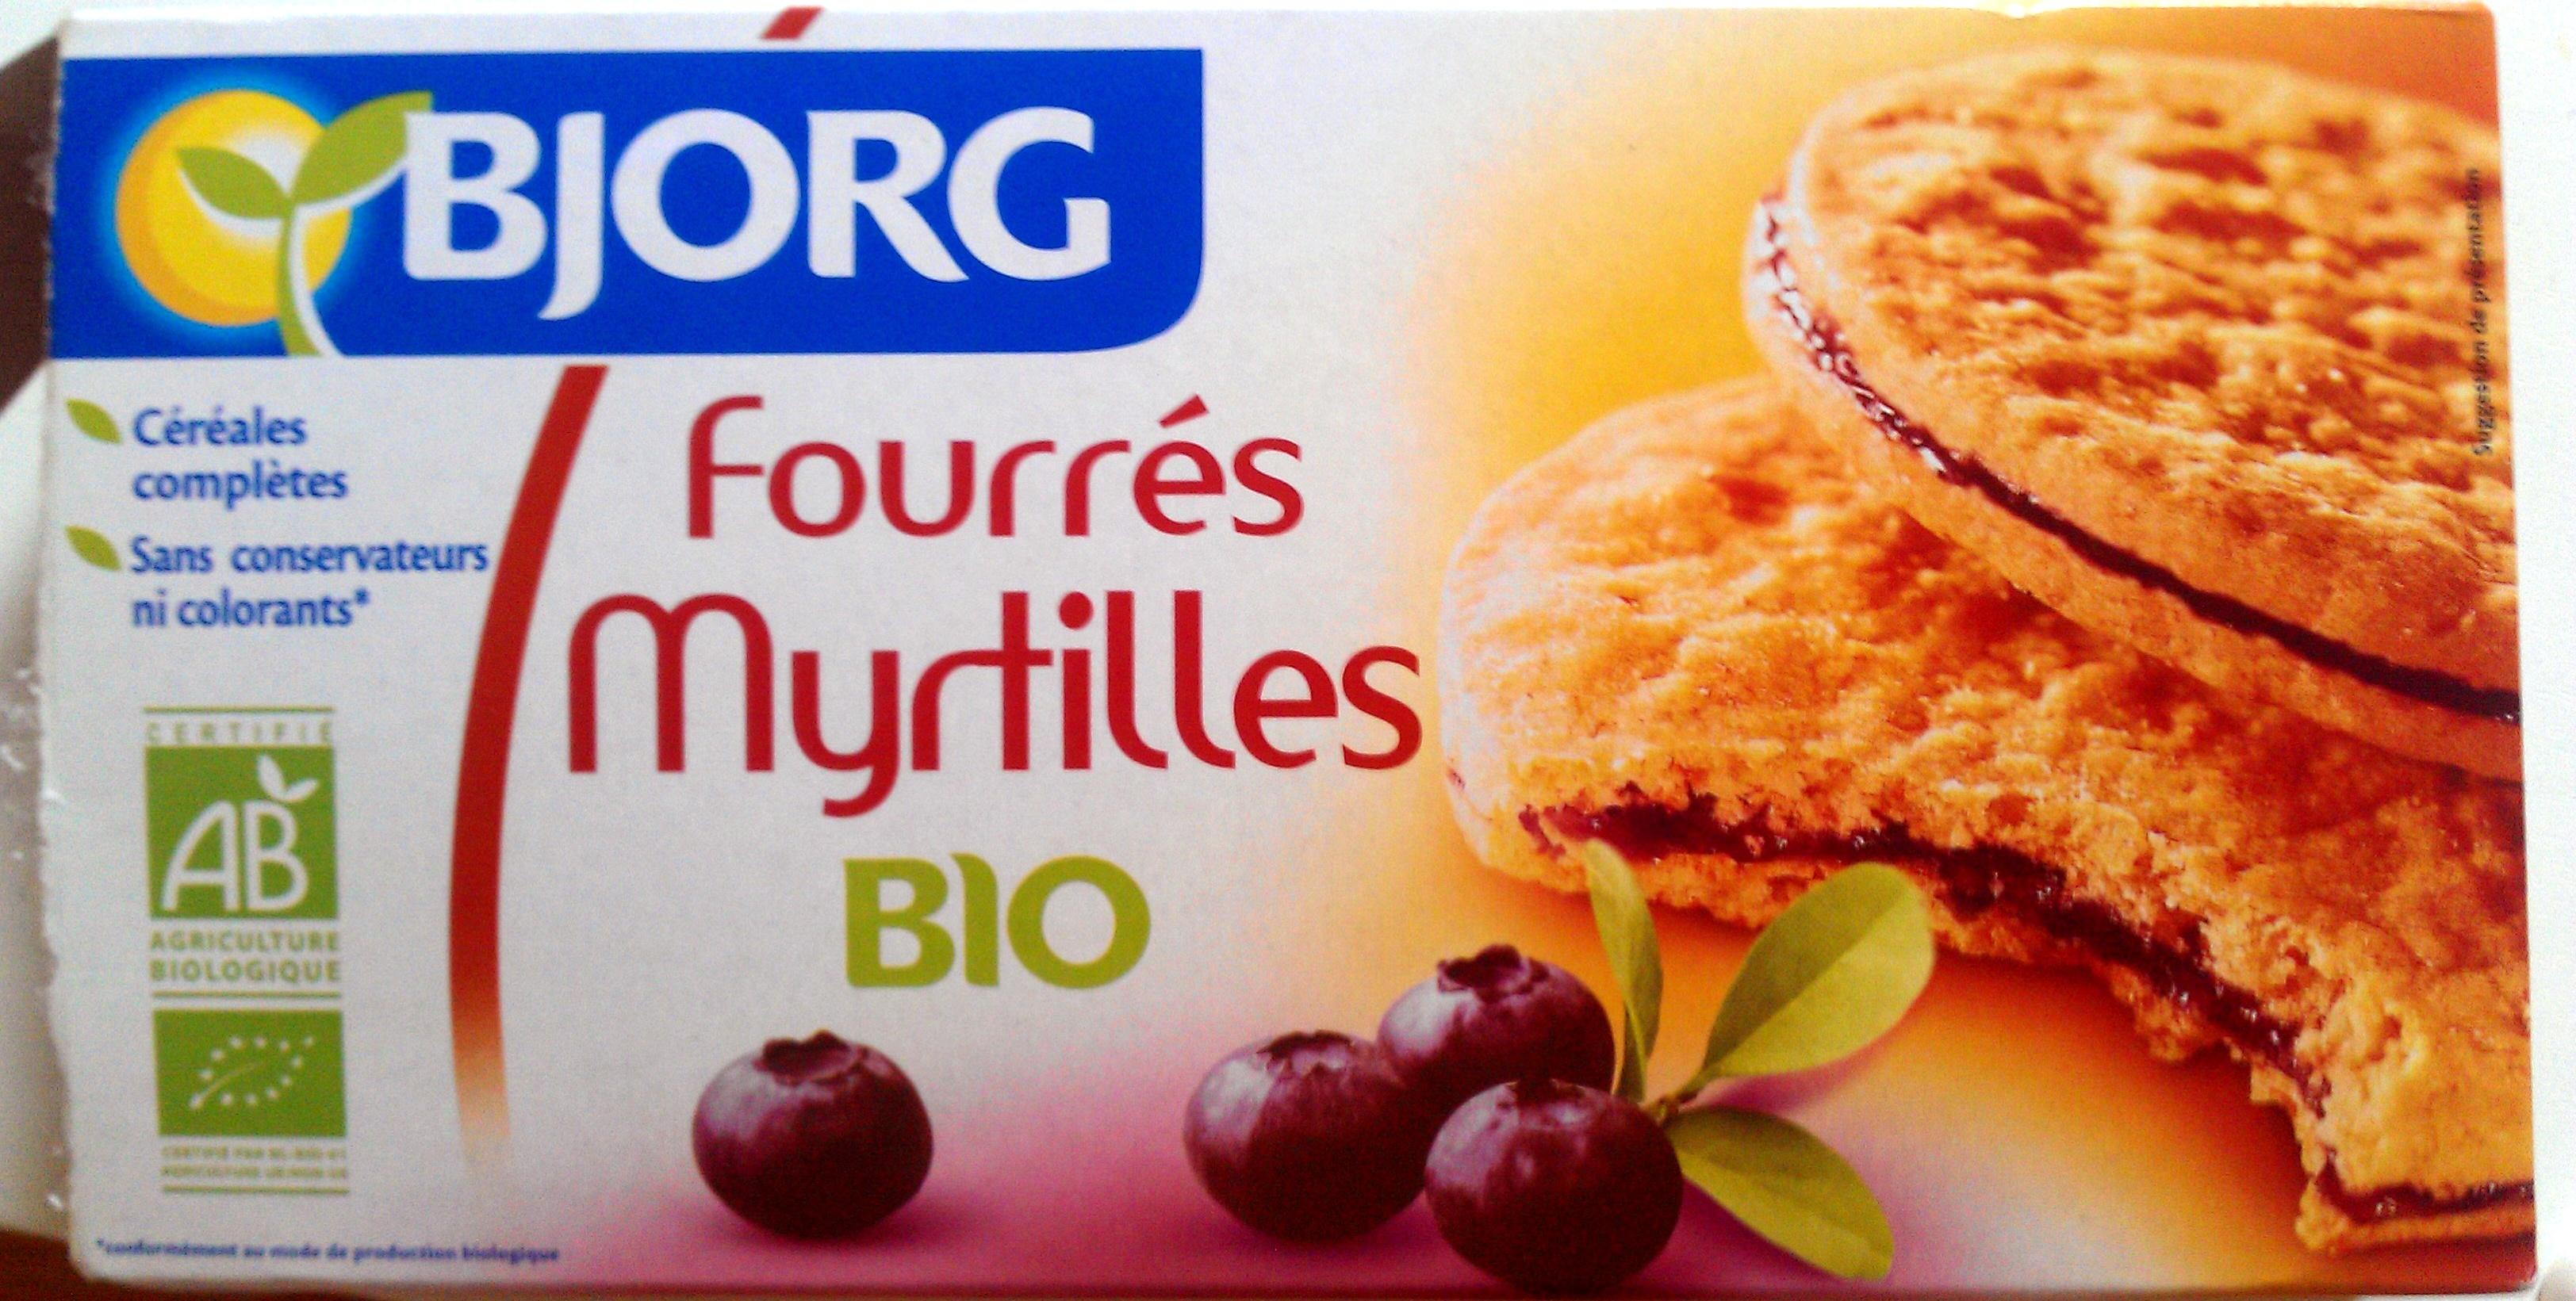 Bjorg - fourrés myrtilles bio - Produit - fr